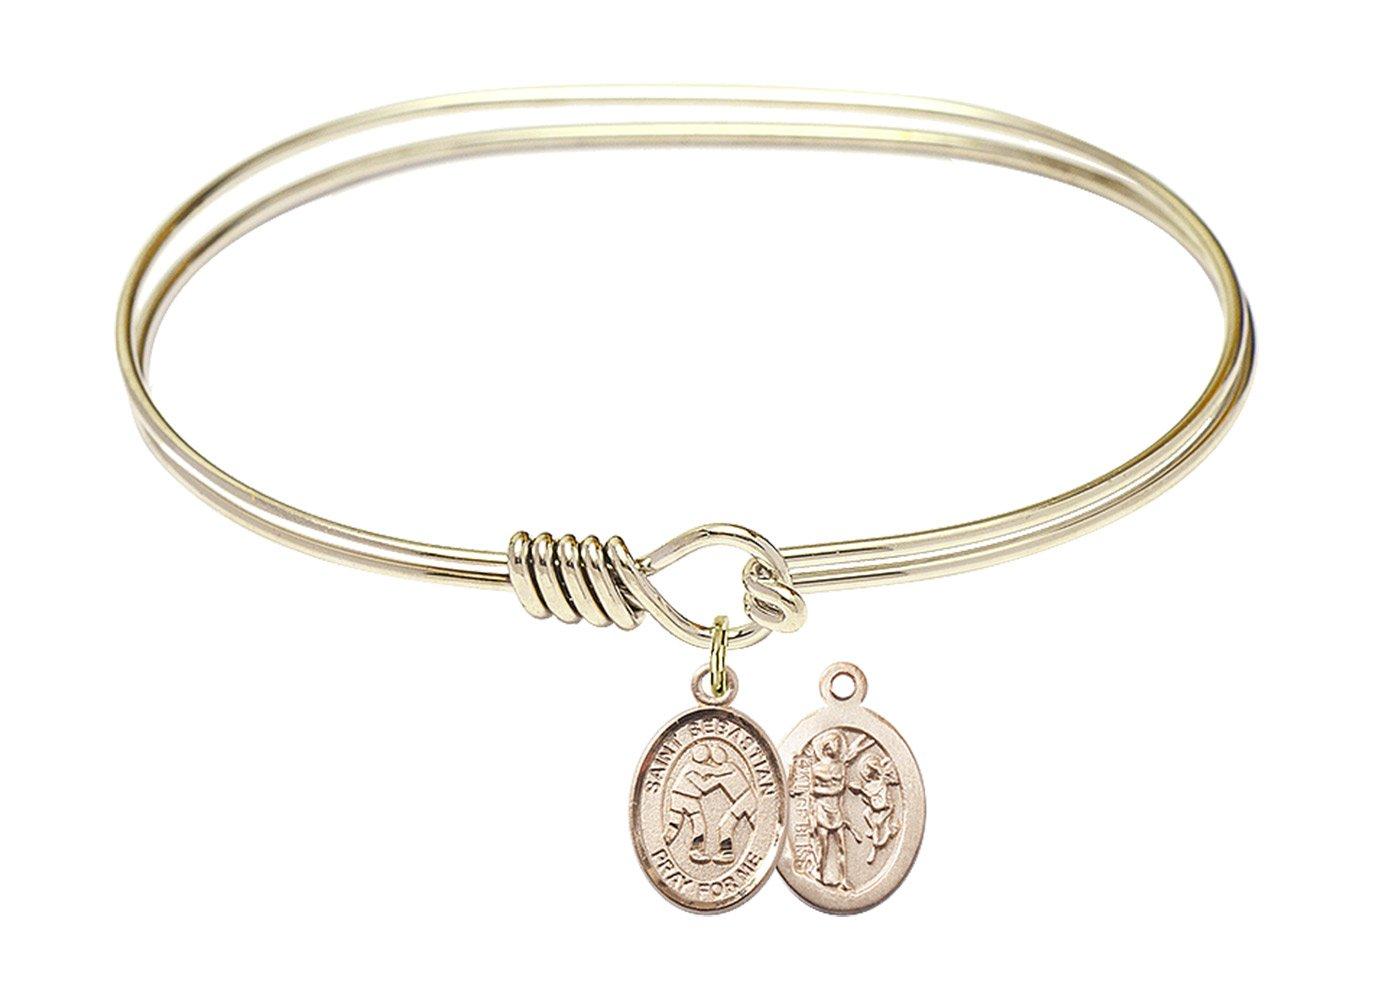 7 inch Oval Eye Hook Bangle Bracelet w/St. Sebastian/Wrestling in Gold-Filled by Bonyak Jewelry